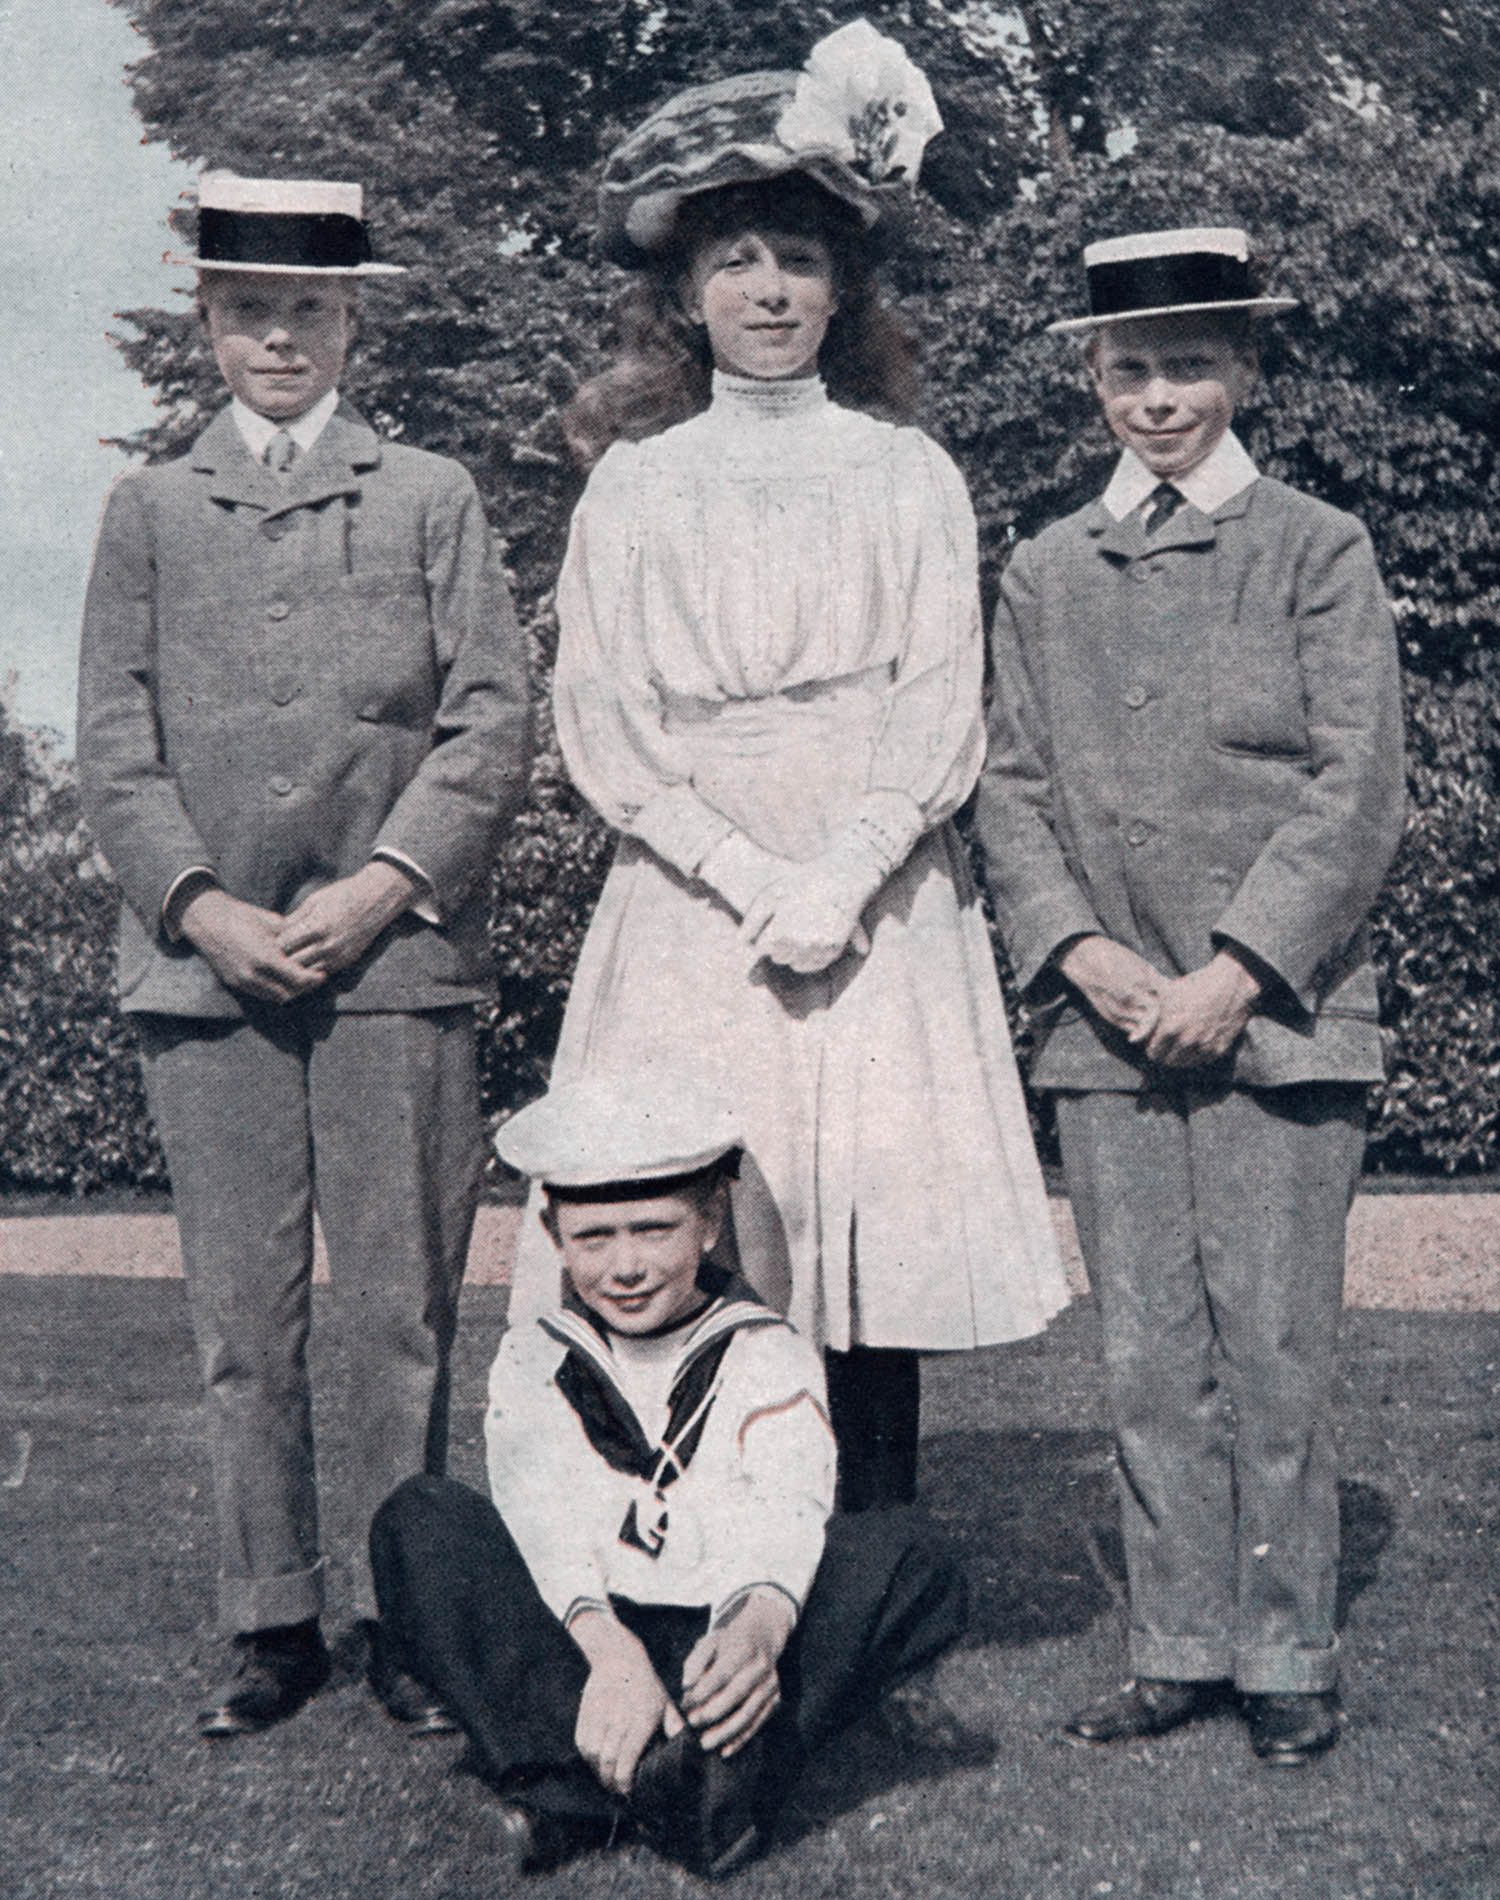 Famille royale : photo des enfants de George V, dont deux futurs rois.